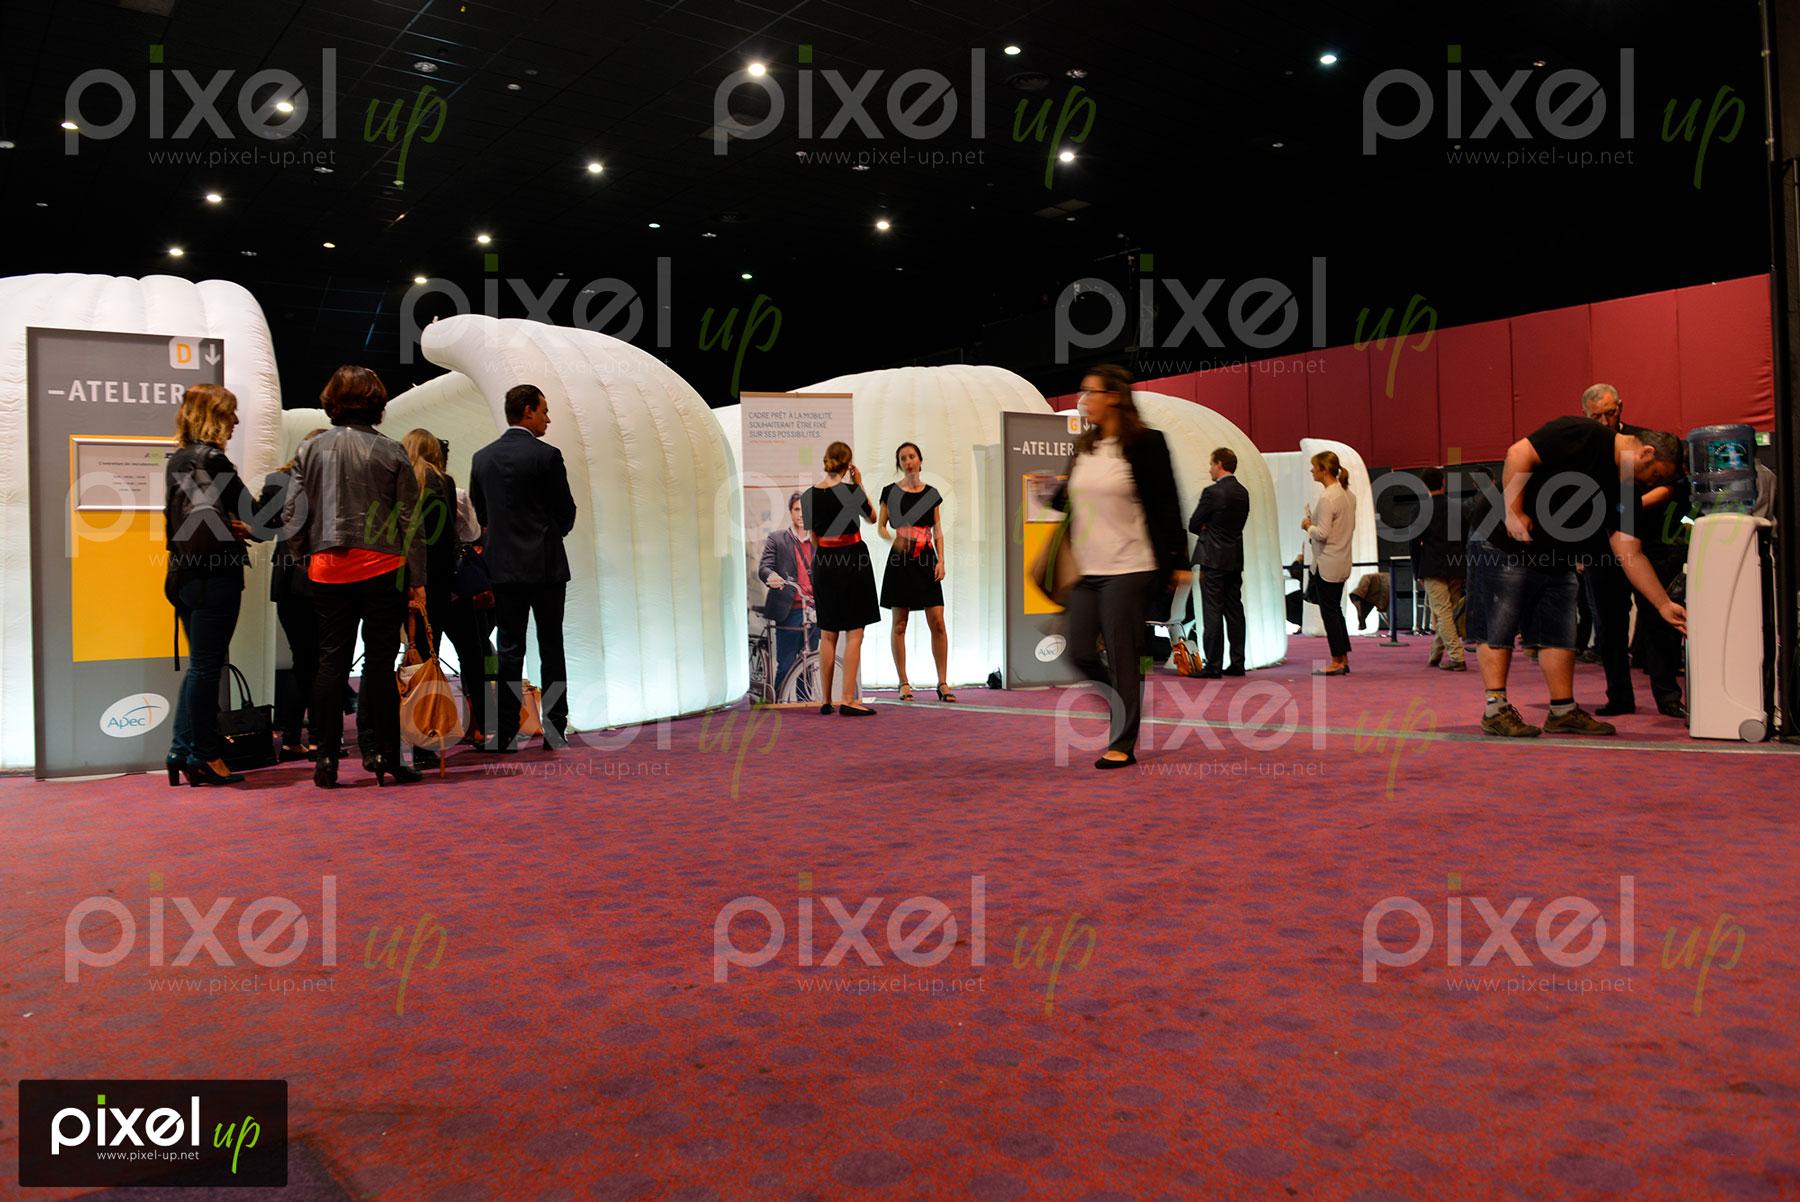 Photographe Pixel up - Reportage congrès